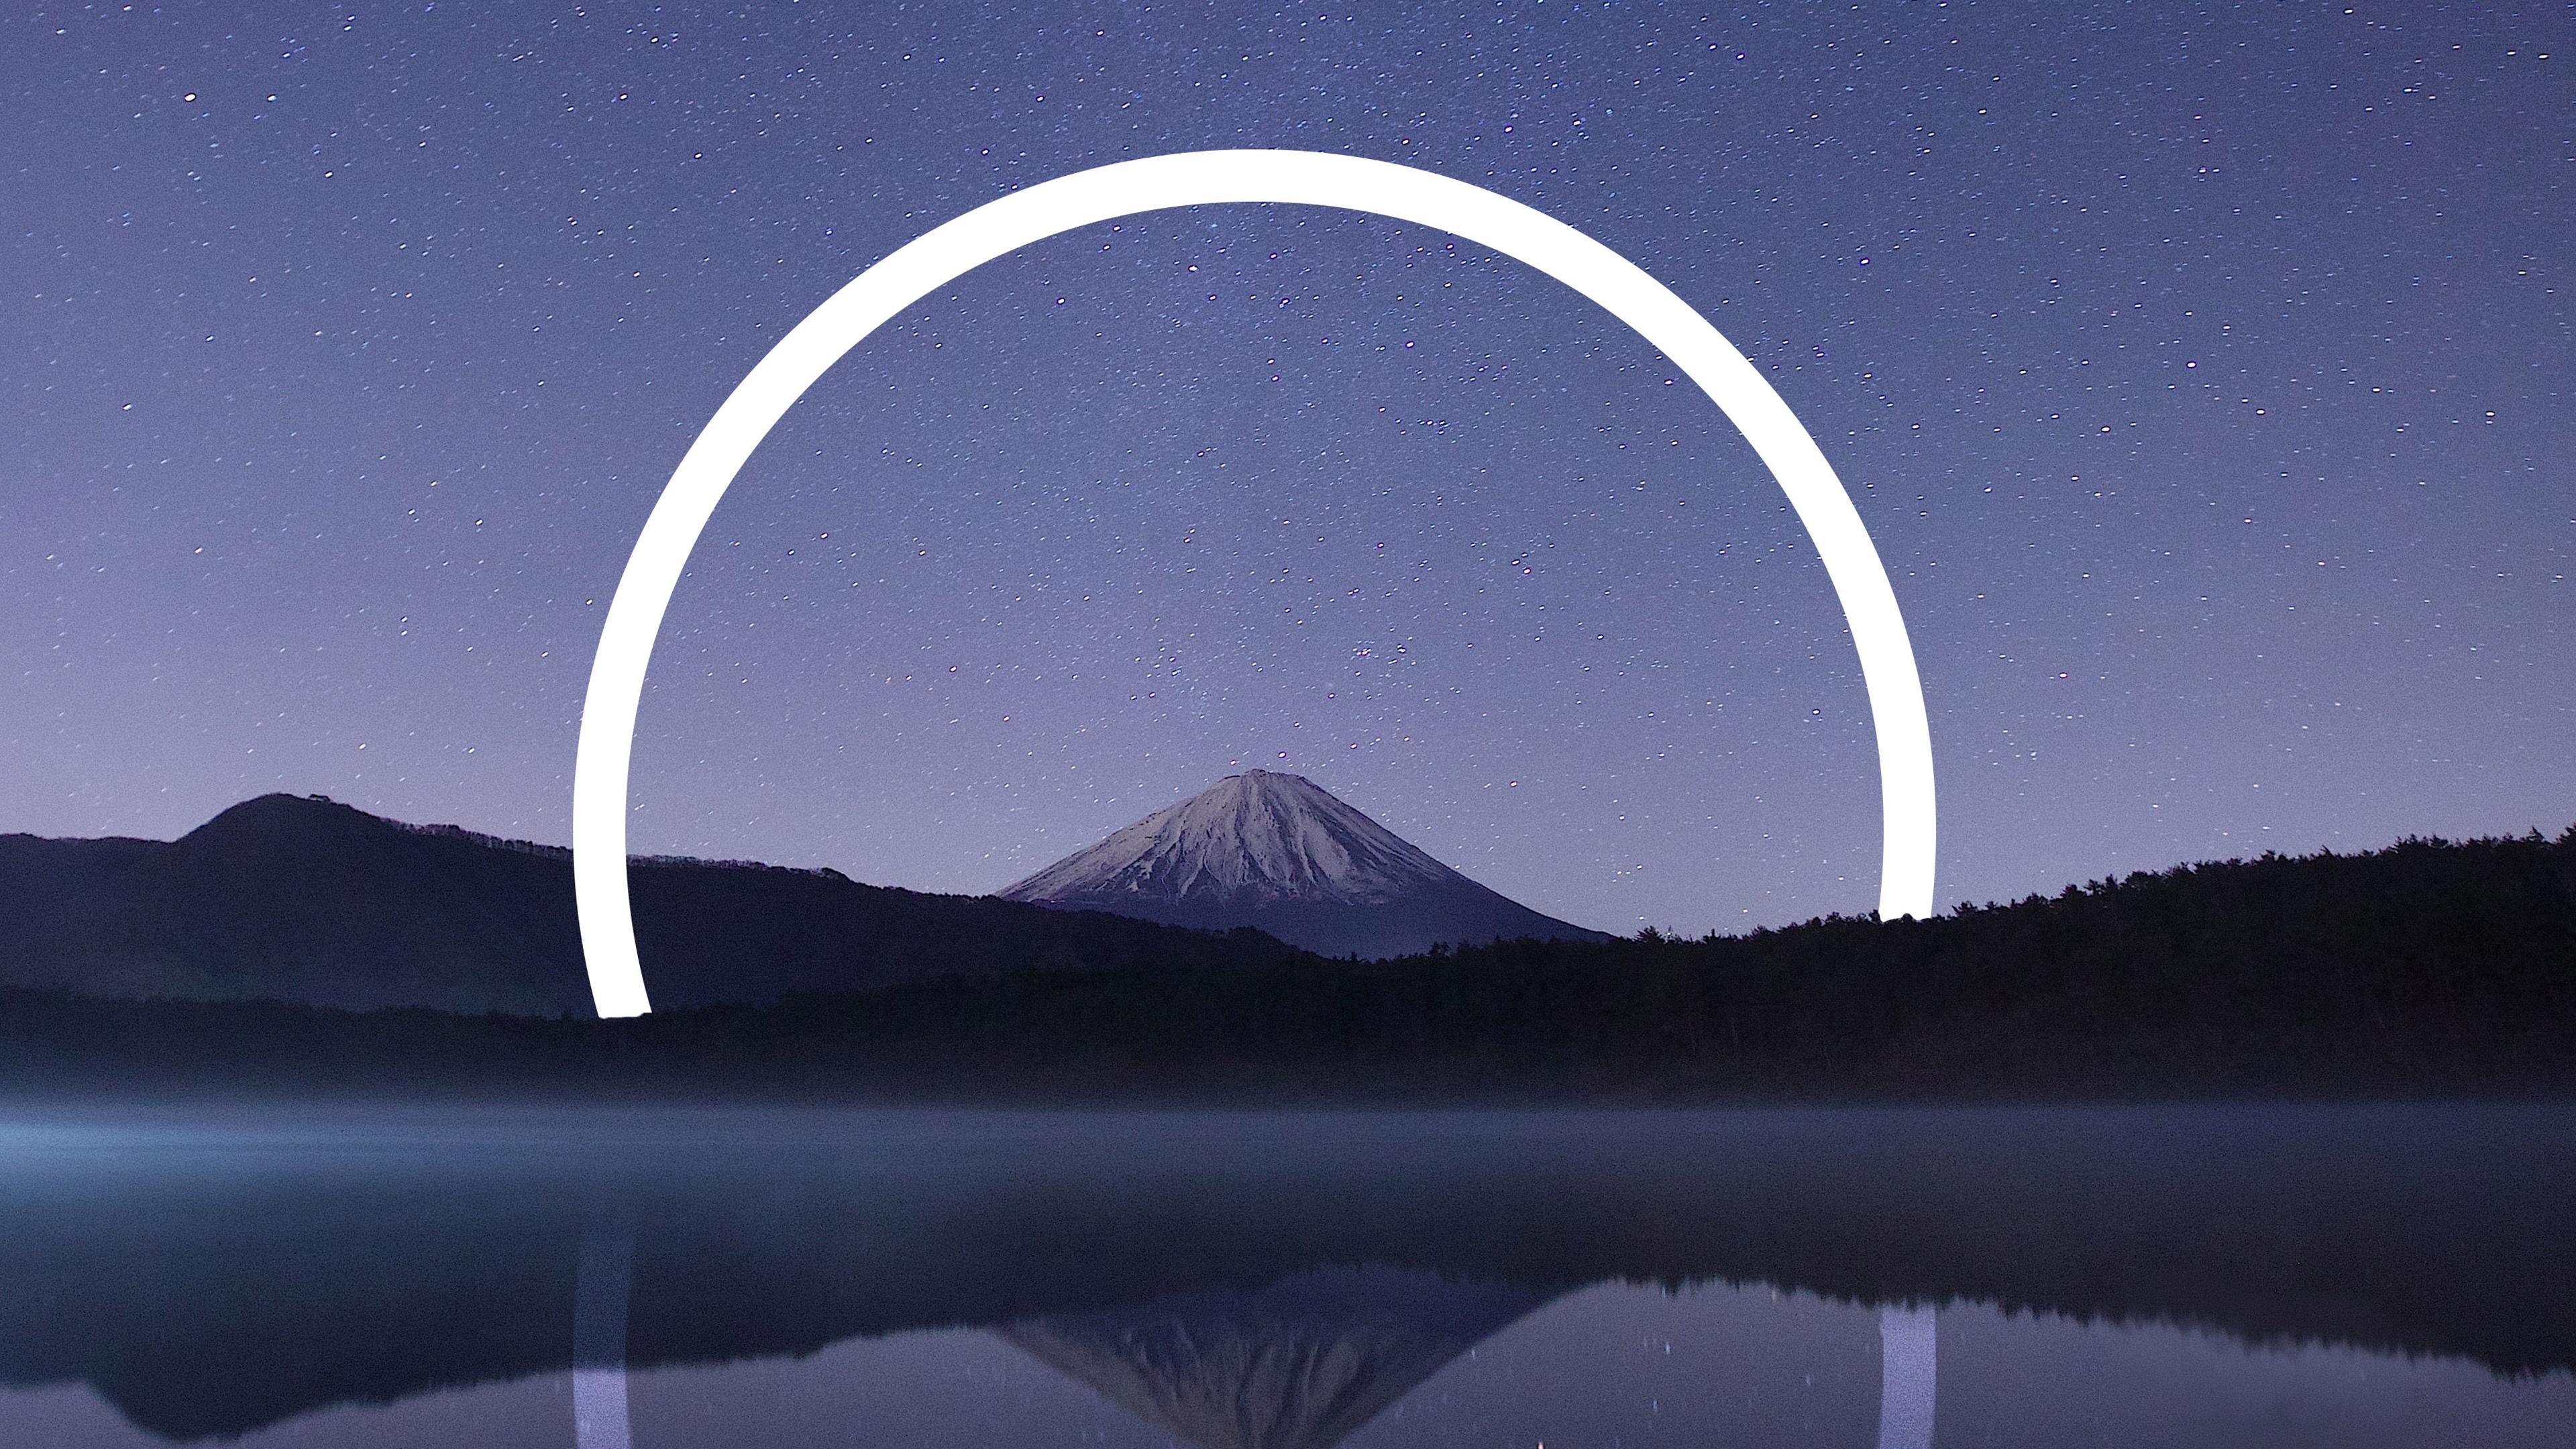 Гора Фудзи геометрический пейзаж обои скачать